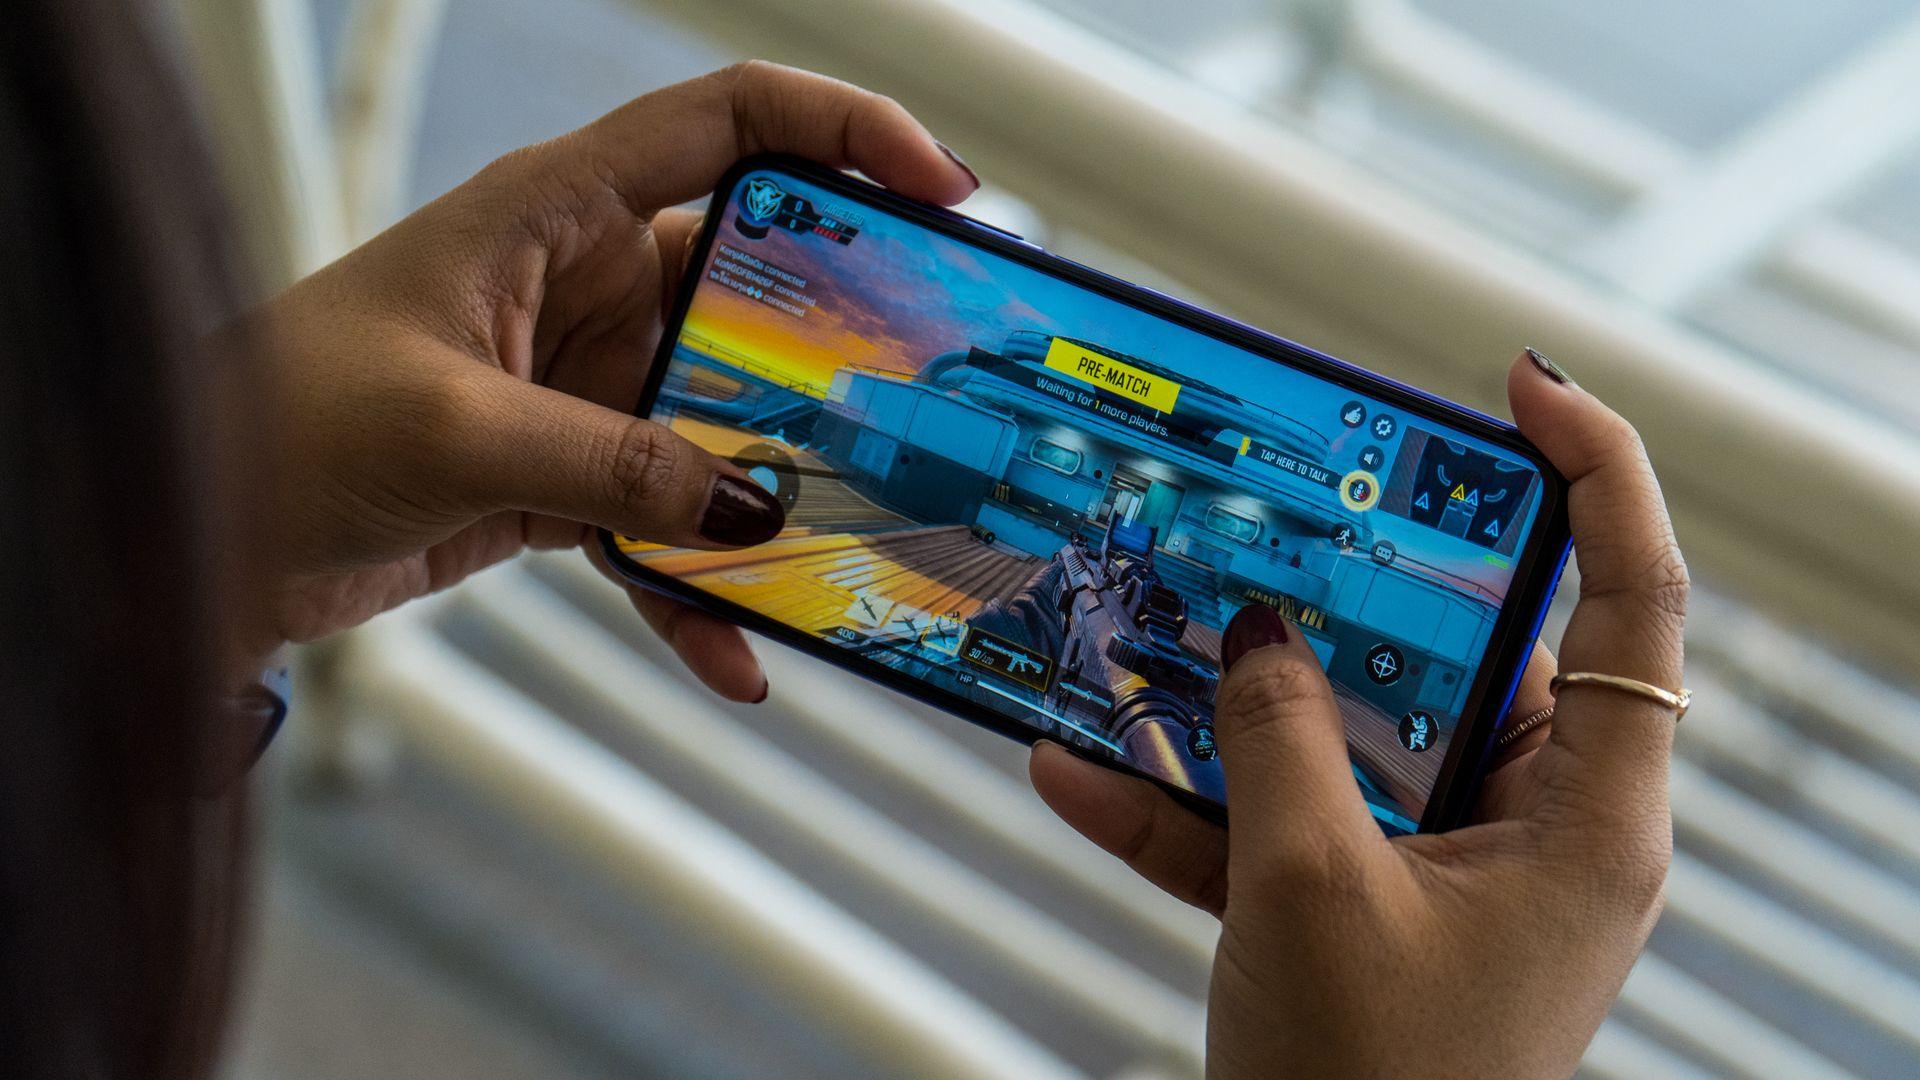 Huawei nova 5T é um celular premium pensado no público gamer. (Imagem: Lukmanazis/Shutterstock)